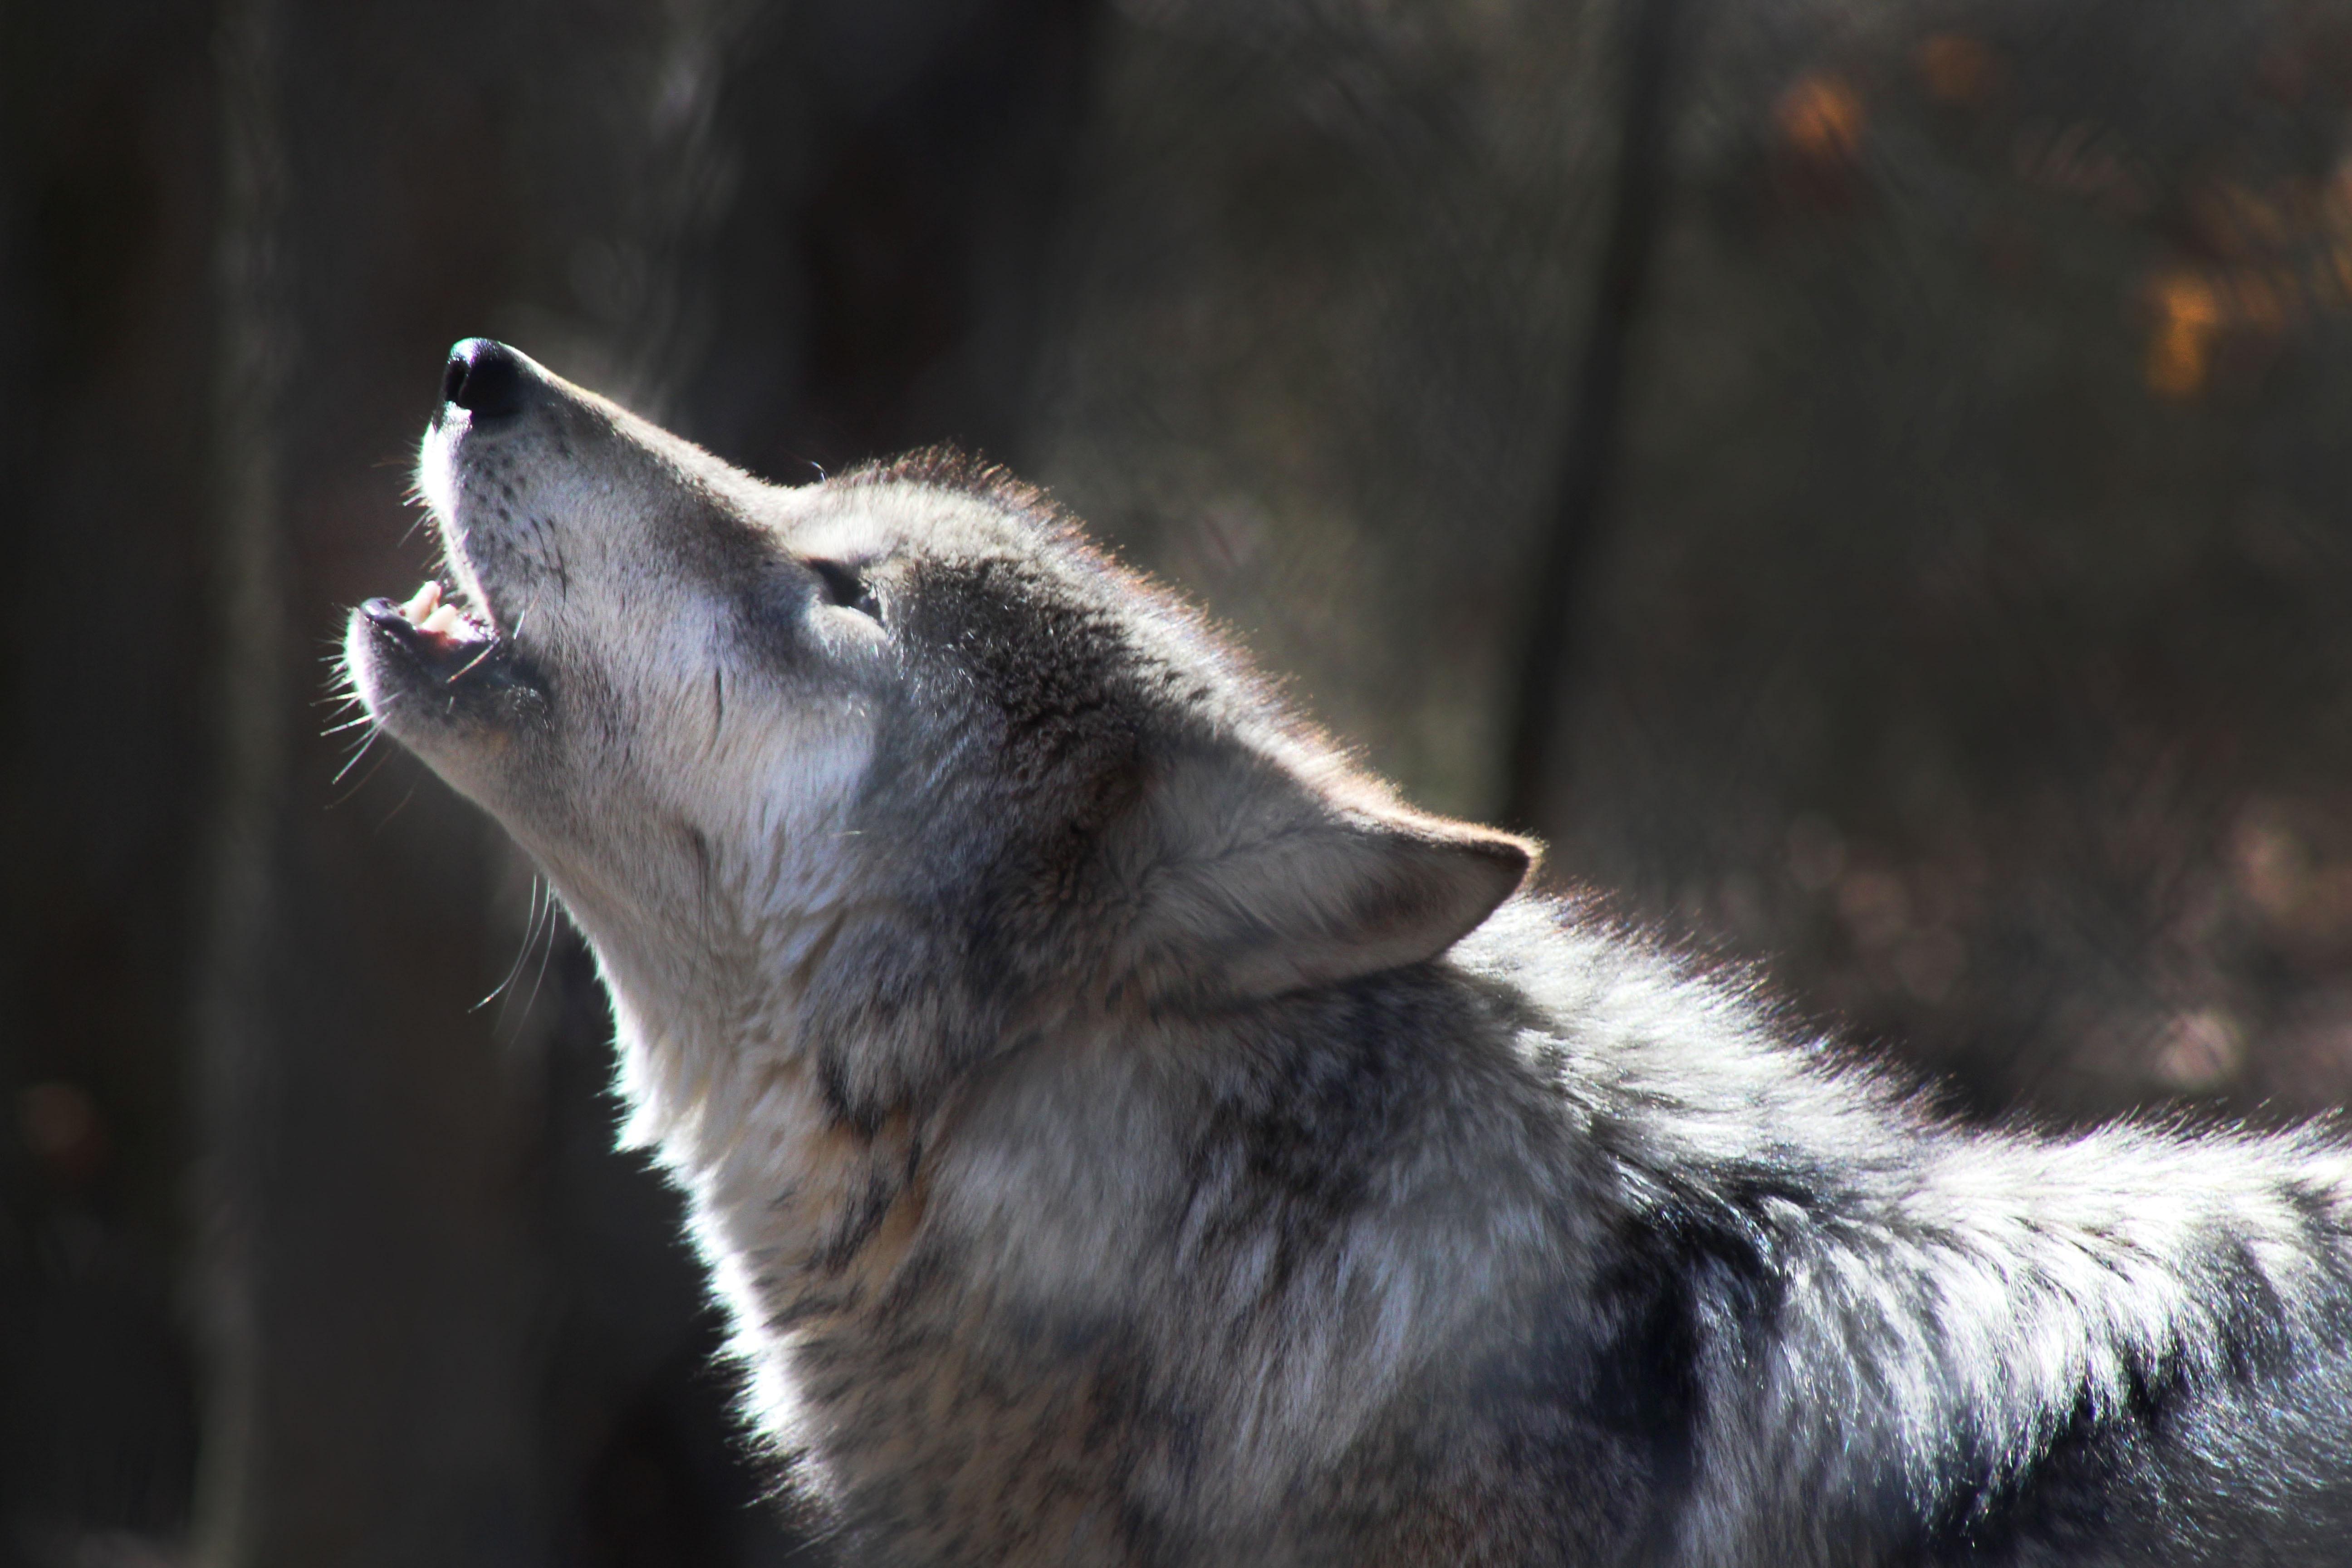 Ein weiterer Block auf dem Weg zur Wolfsjagd ist gefallen. Mit seiner Stellungnahme bestätigt der Generalanwalt ein früheres Urteil des EUGH.